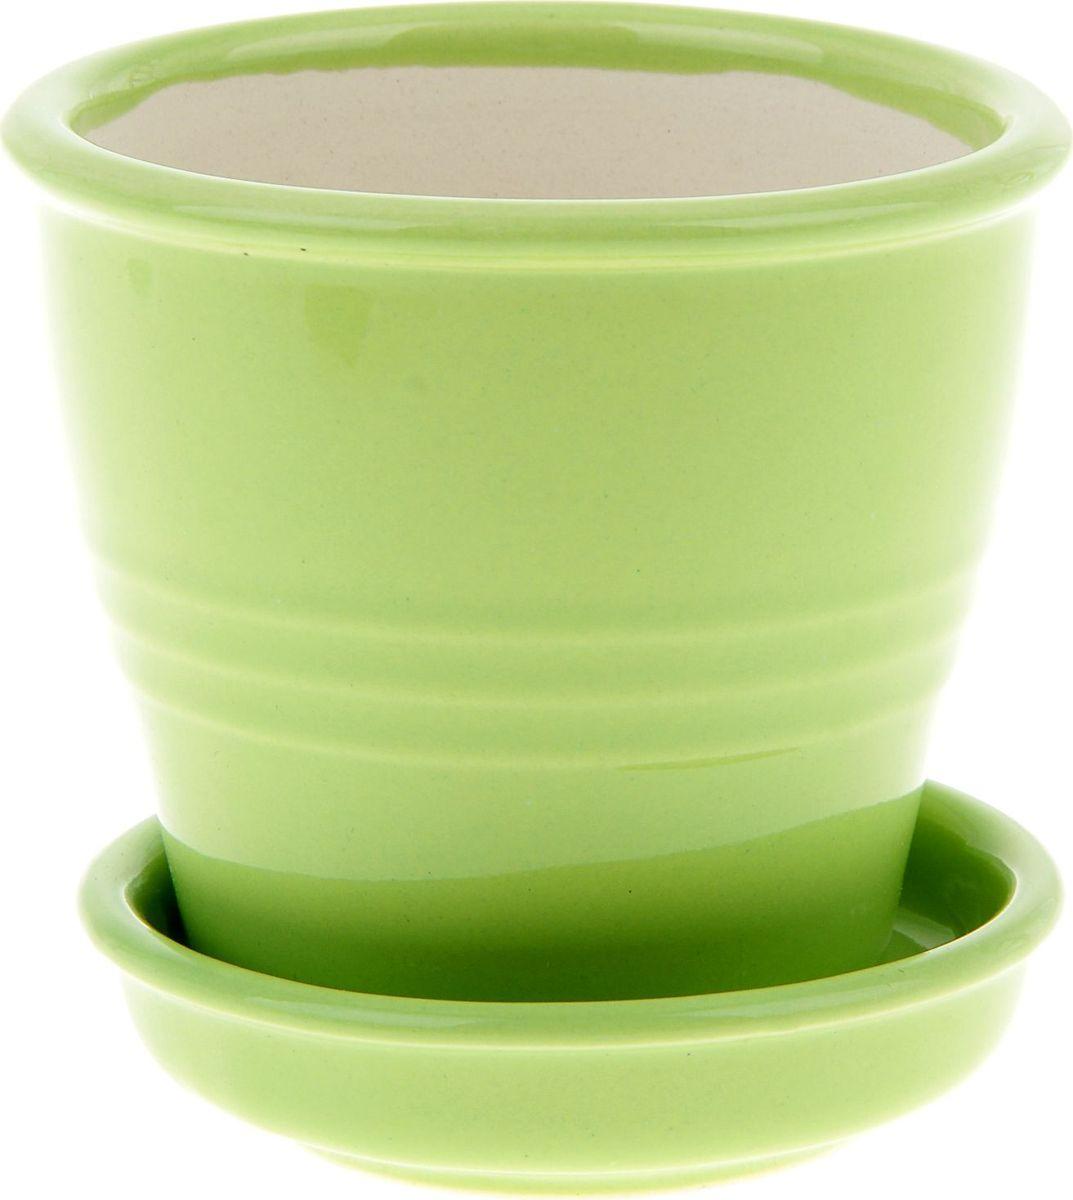 Кашпо Керамика ручной работы Классик, цвет: зеленый, 0,23 л835548Комнатные растения - всеобщие любимцы. Они радуют глаз, насыщают помещение кислородом и украшают пространство. Каждому из них необходим свой удобный и красивый дом. Кашпо из керамики прекрасно подходят для высадки растений: за счет пластичности глины и разных способов обработки существует великое множество форм и дизайнов. Пористый материал позволяет испаряться лишней влаге воздух, необходимый для дыхания корней.